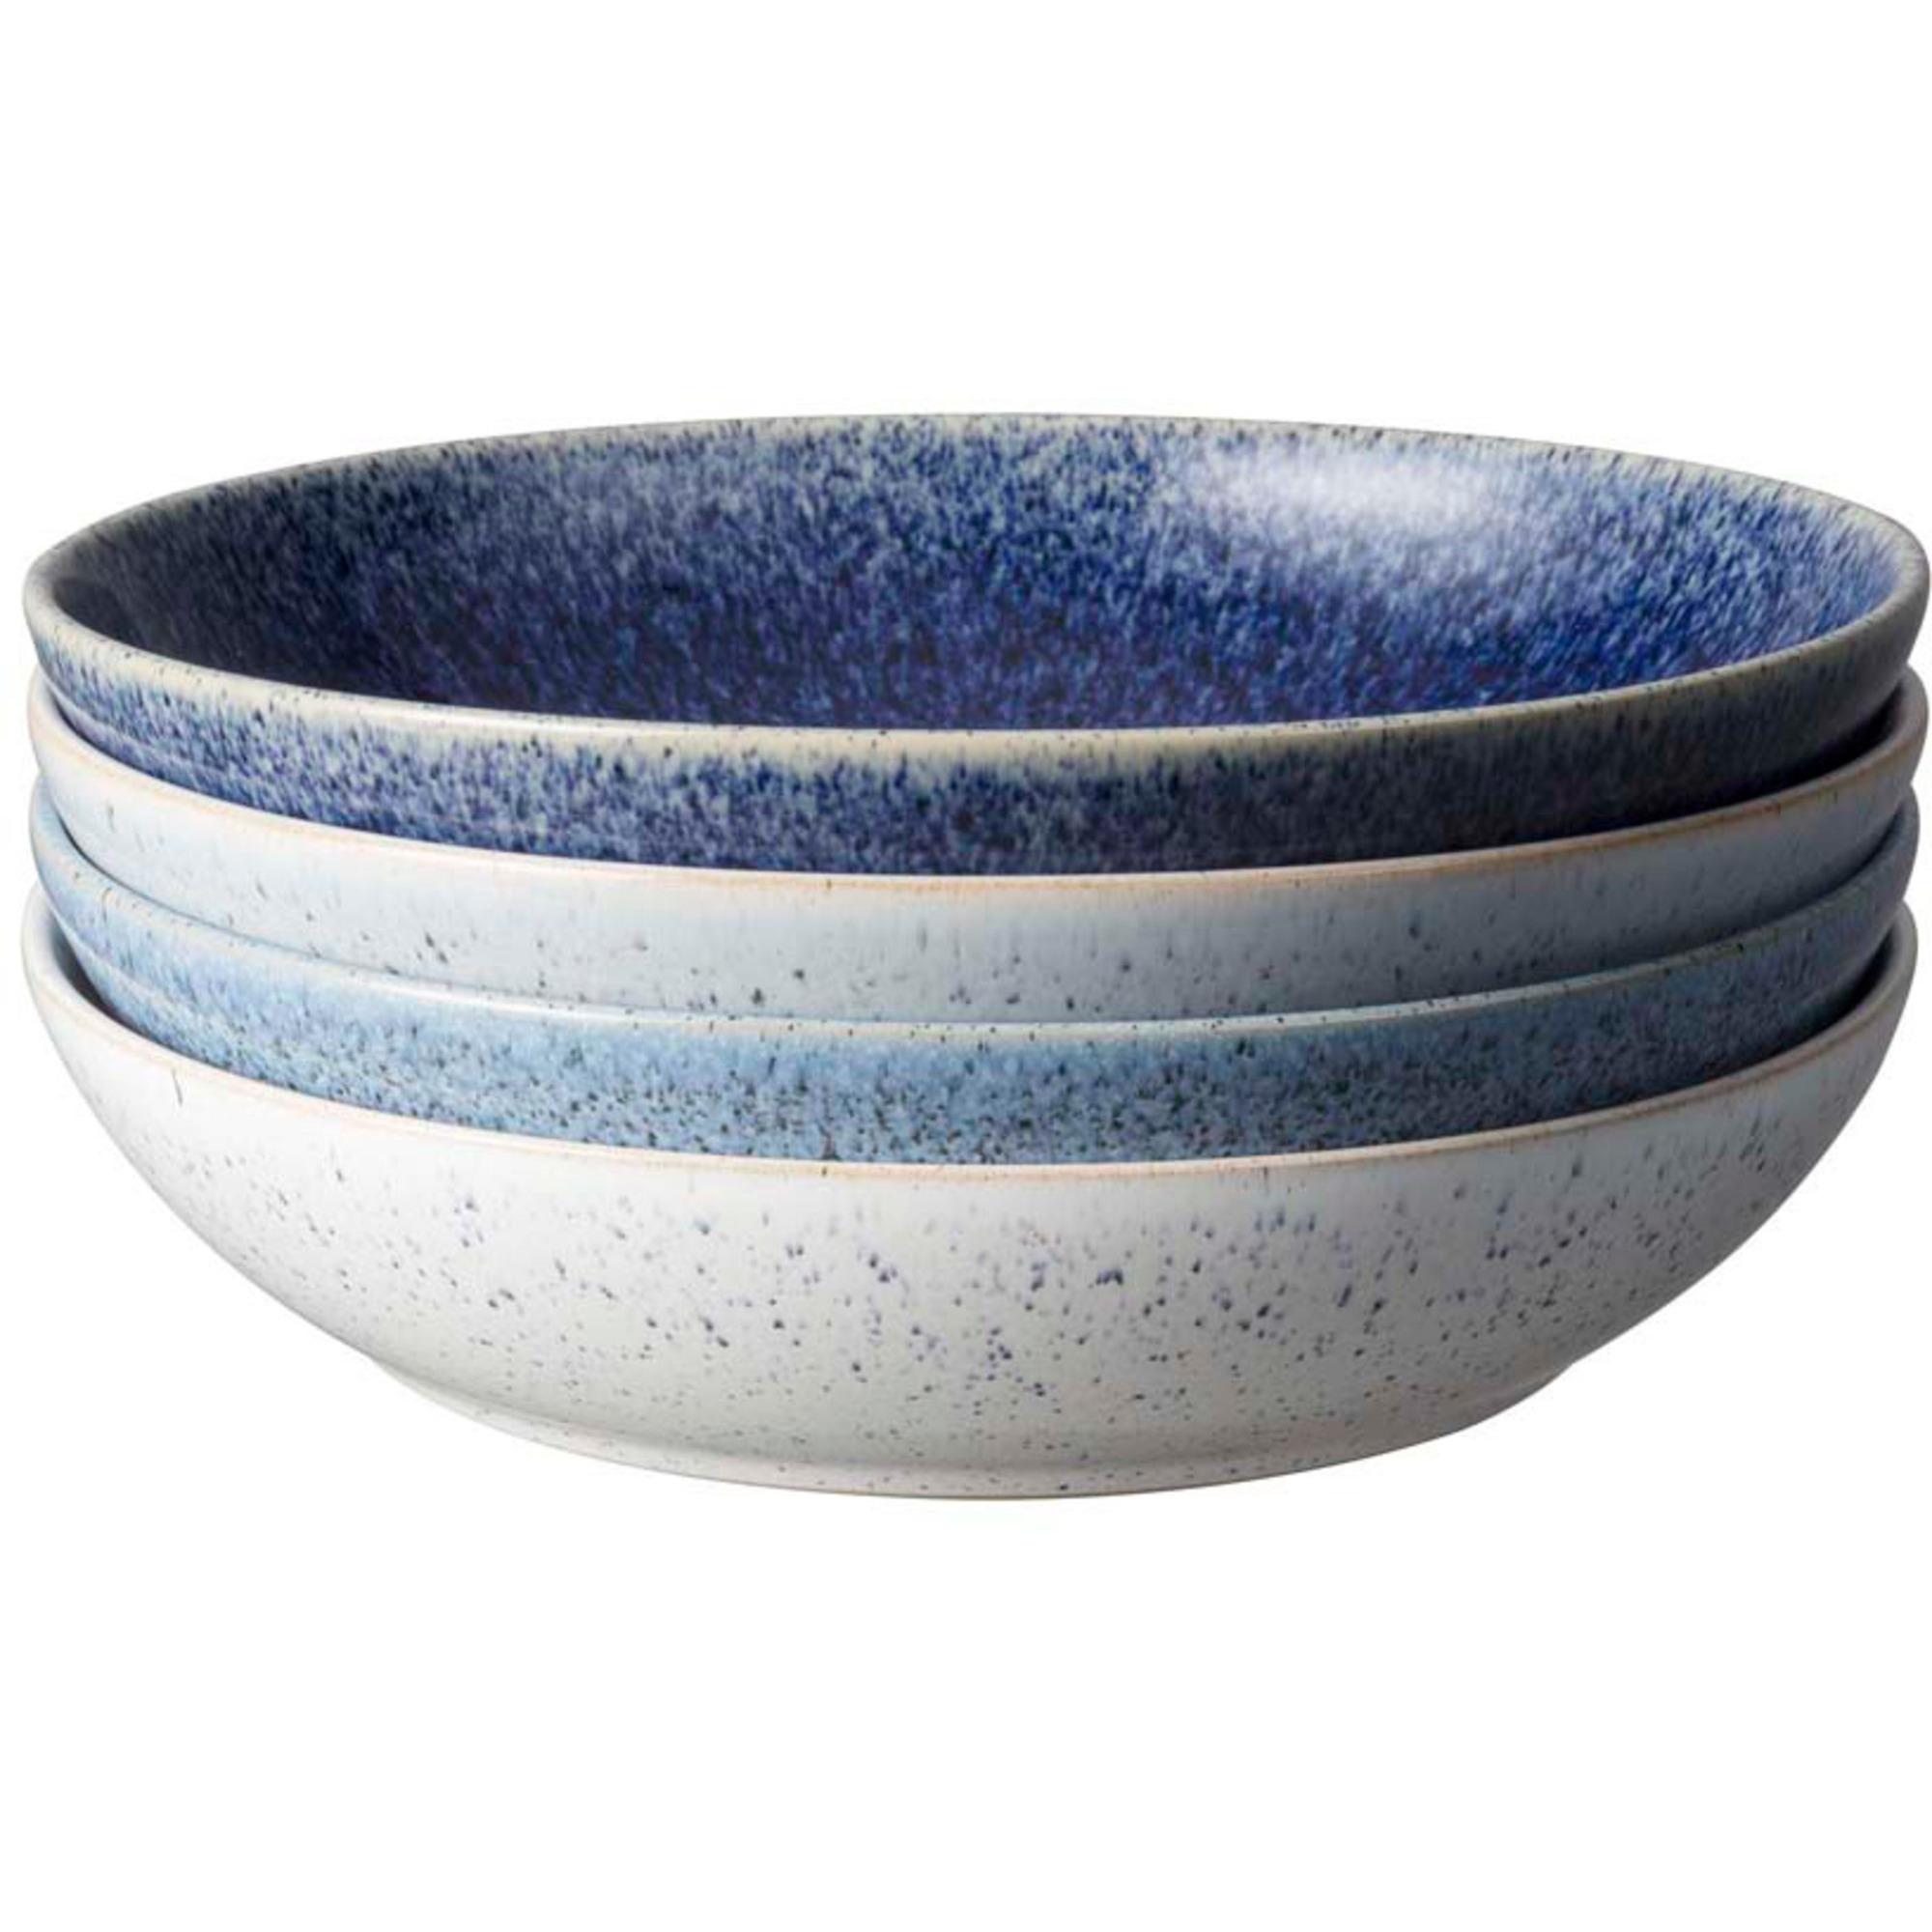 Denby Studio Blue Pastaskål 22 cm 4-Pack